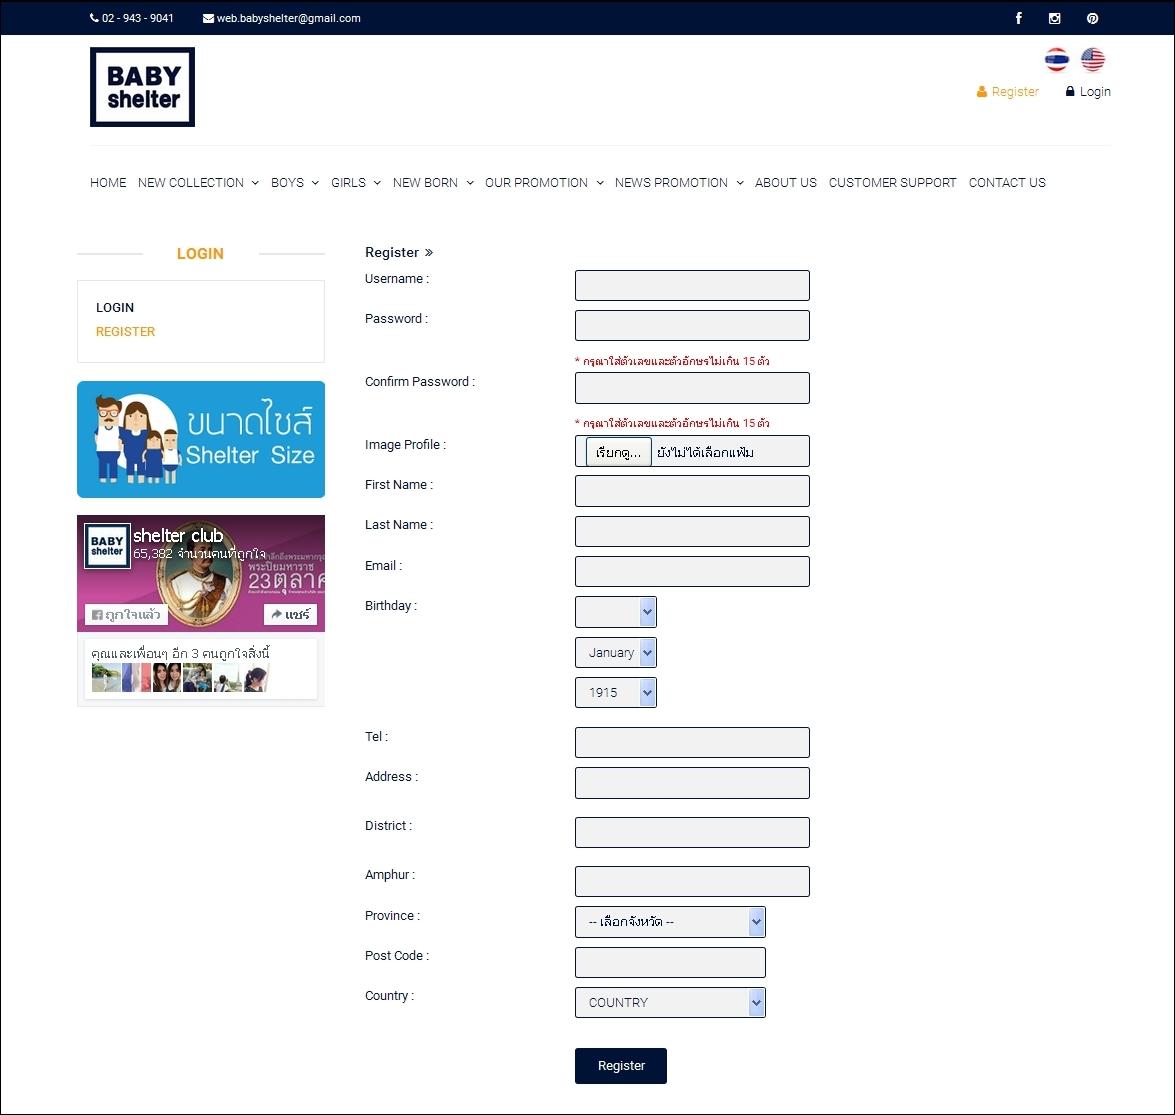 วีธีการลงทะเบียนเพื่อสร้างบัญชีผู้ใช้ใน www.babyshelter.net